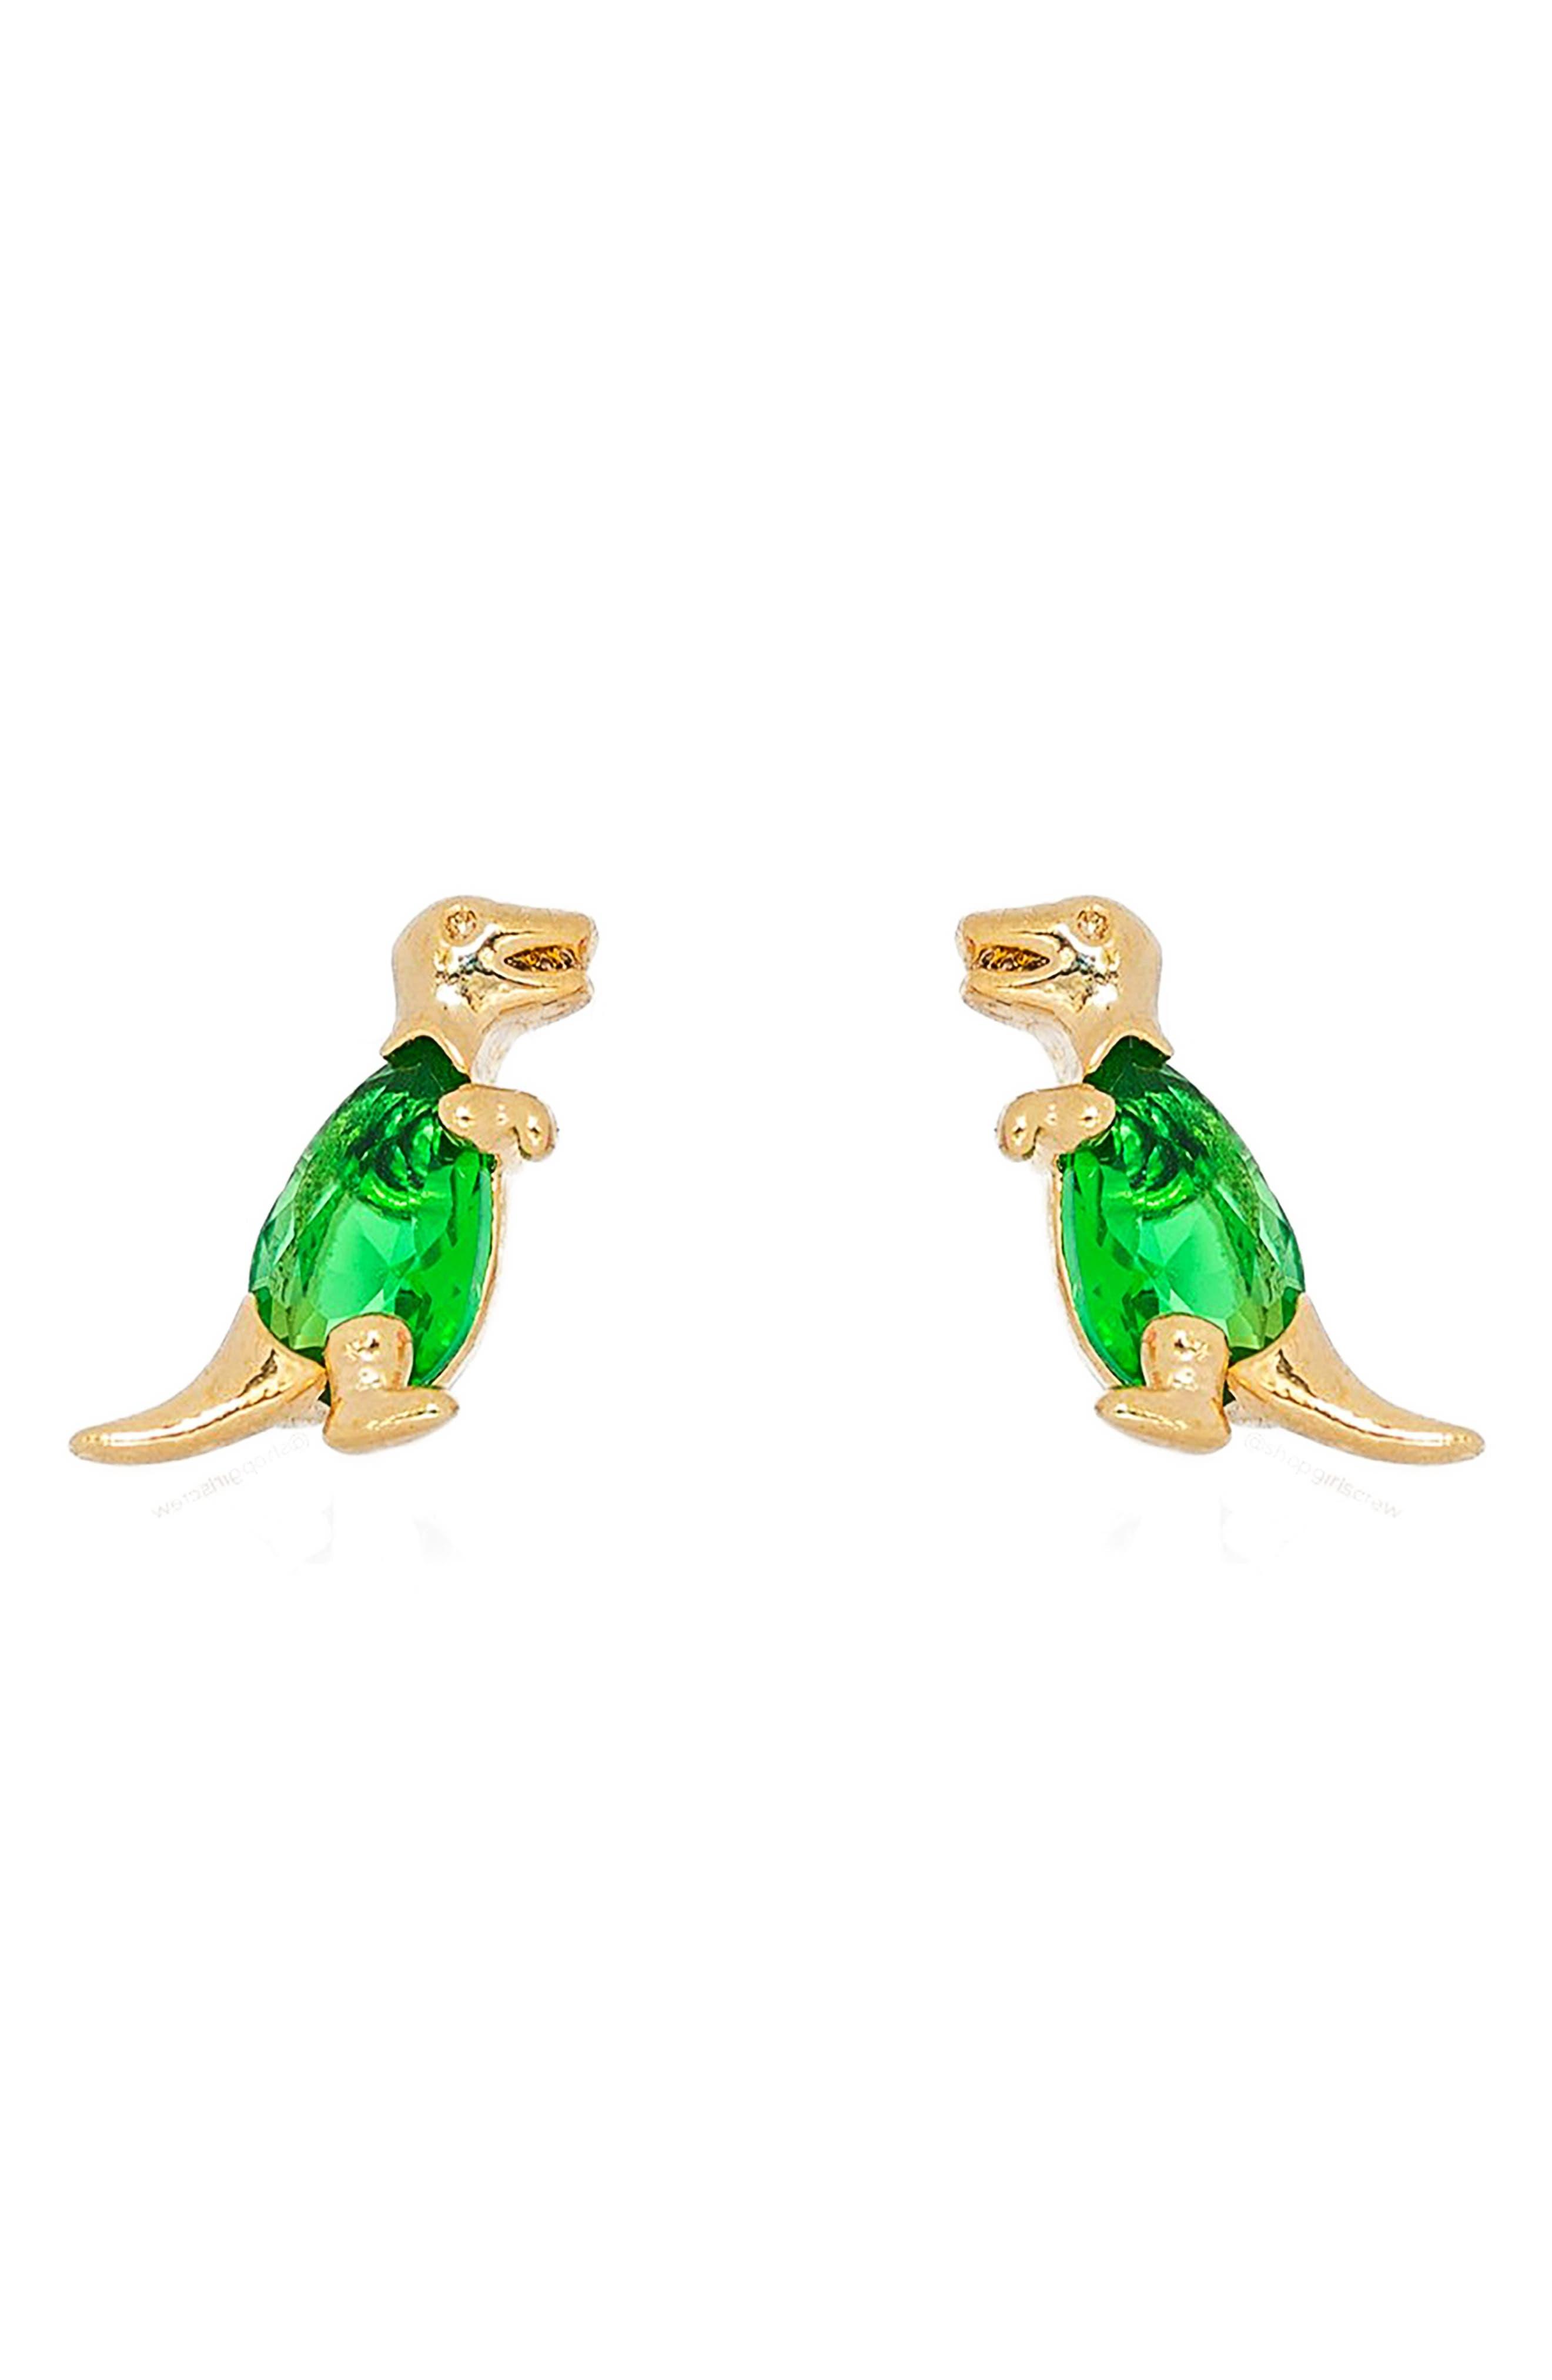 Terrific T-Rex Stud Earrings